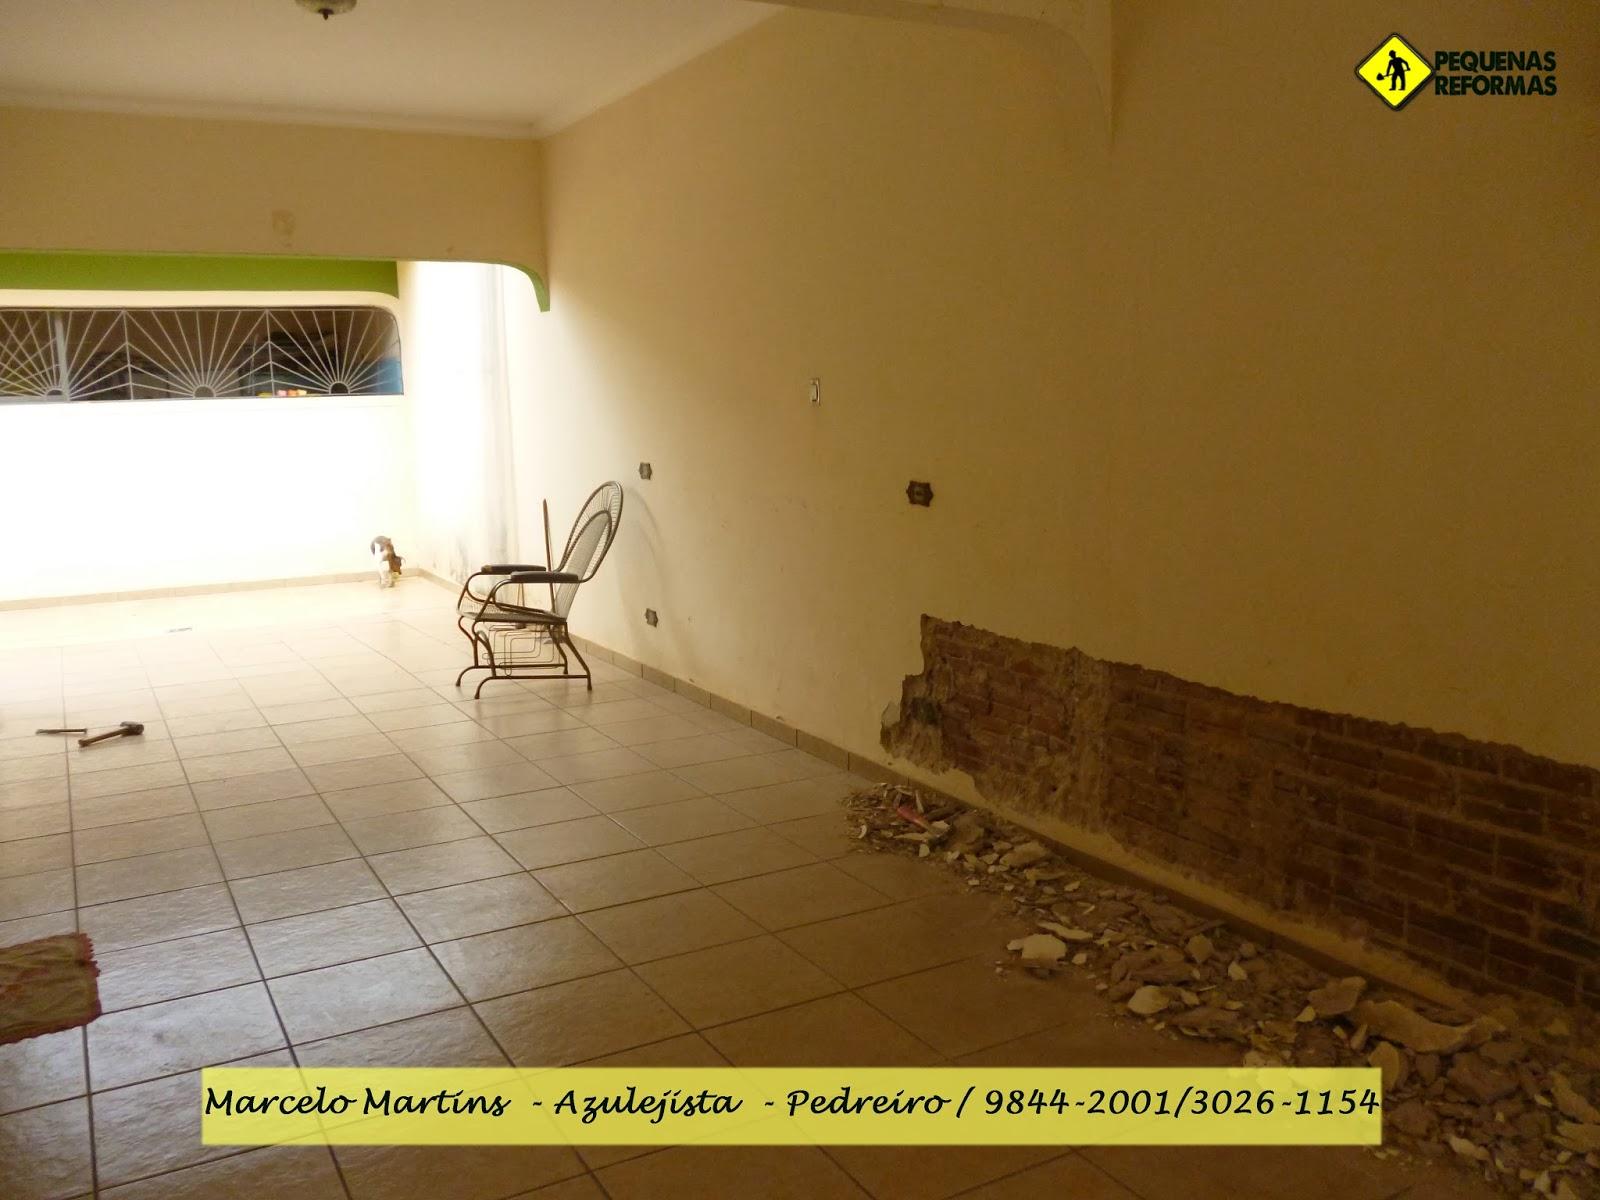 Impermeabilização e reboco Reforma em residencia com infiltração  #402508 1600 1200